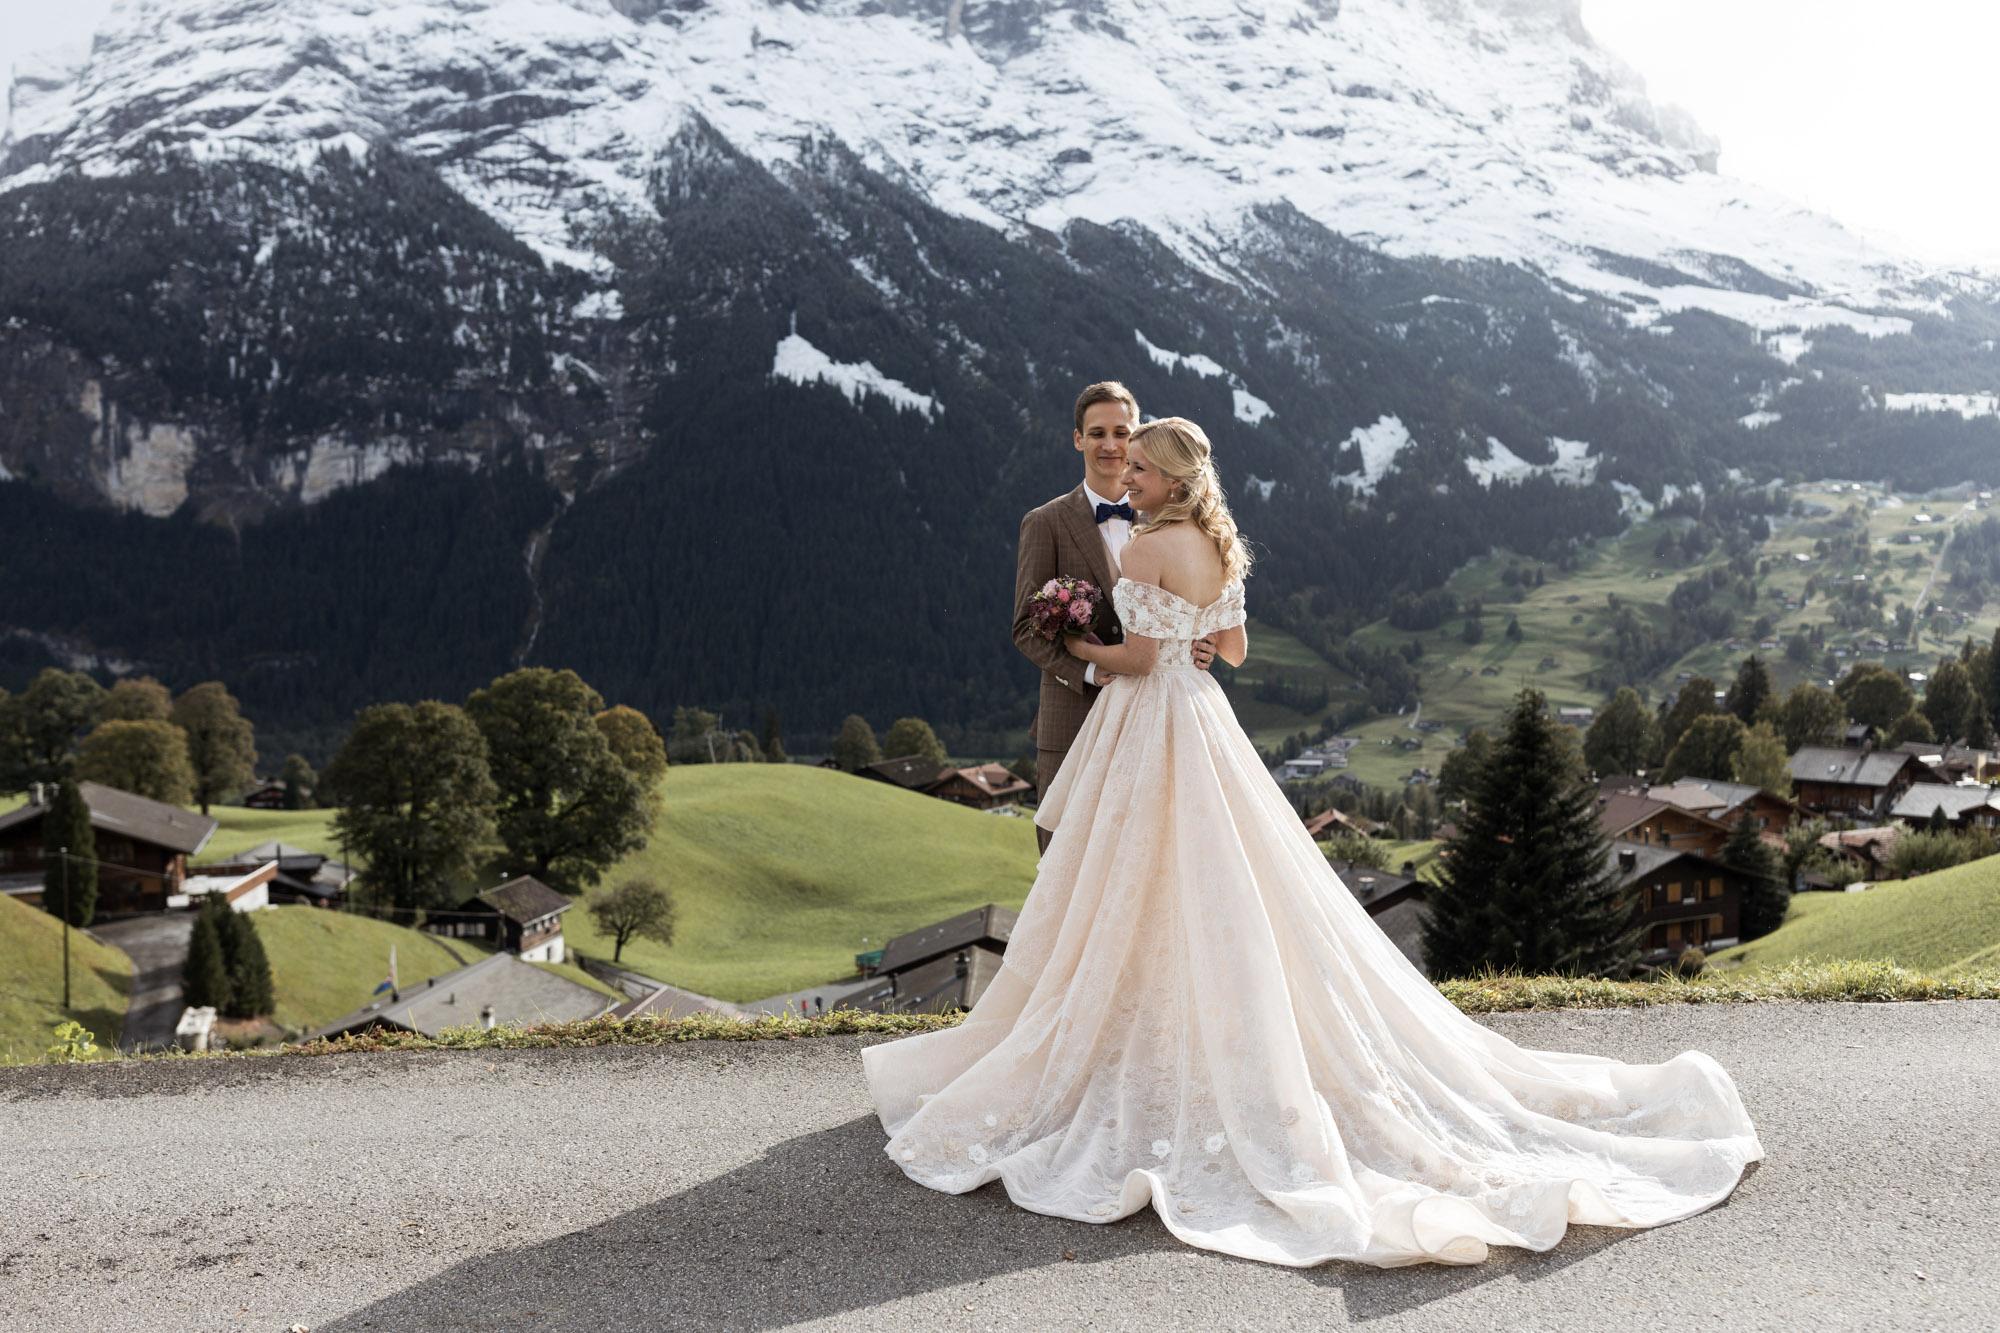 Das Brautpaar beim Fotoshooting in den Bergen - Hochzeitsfotograf